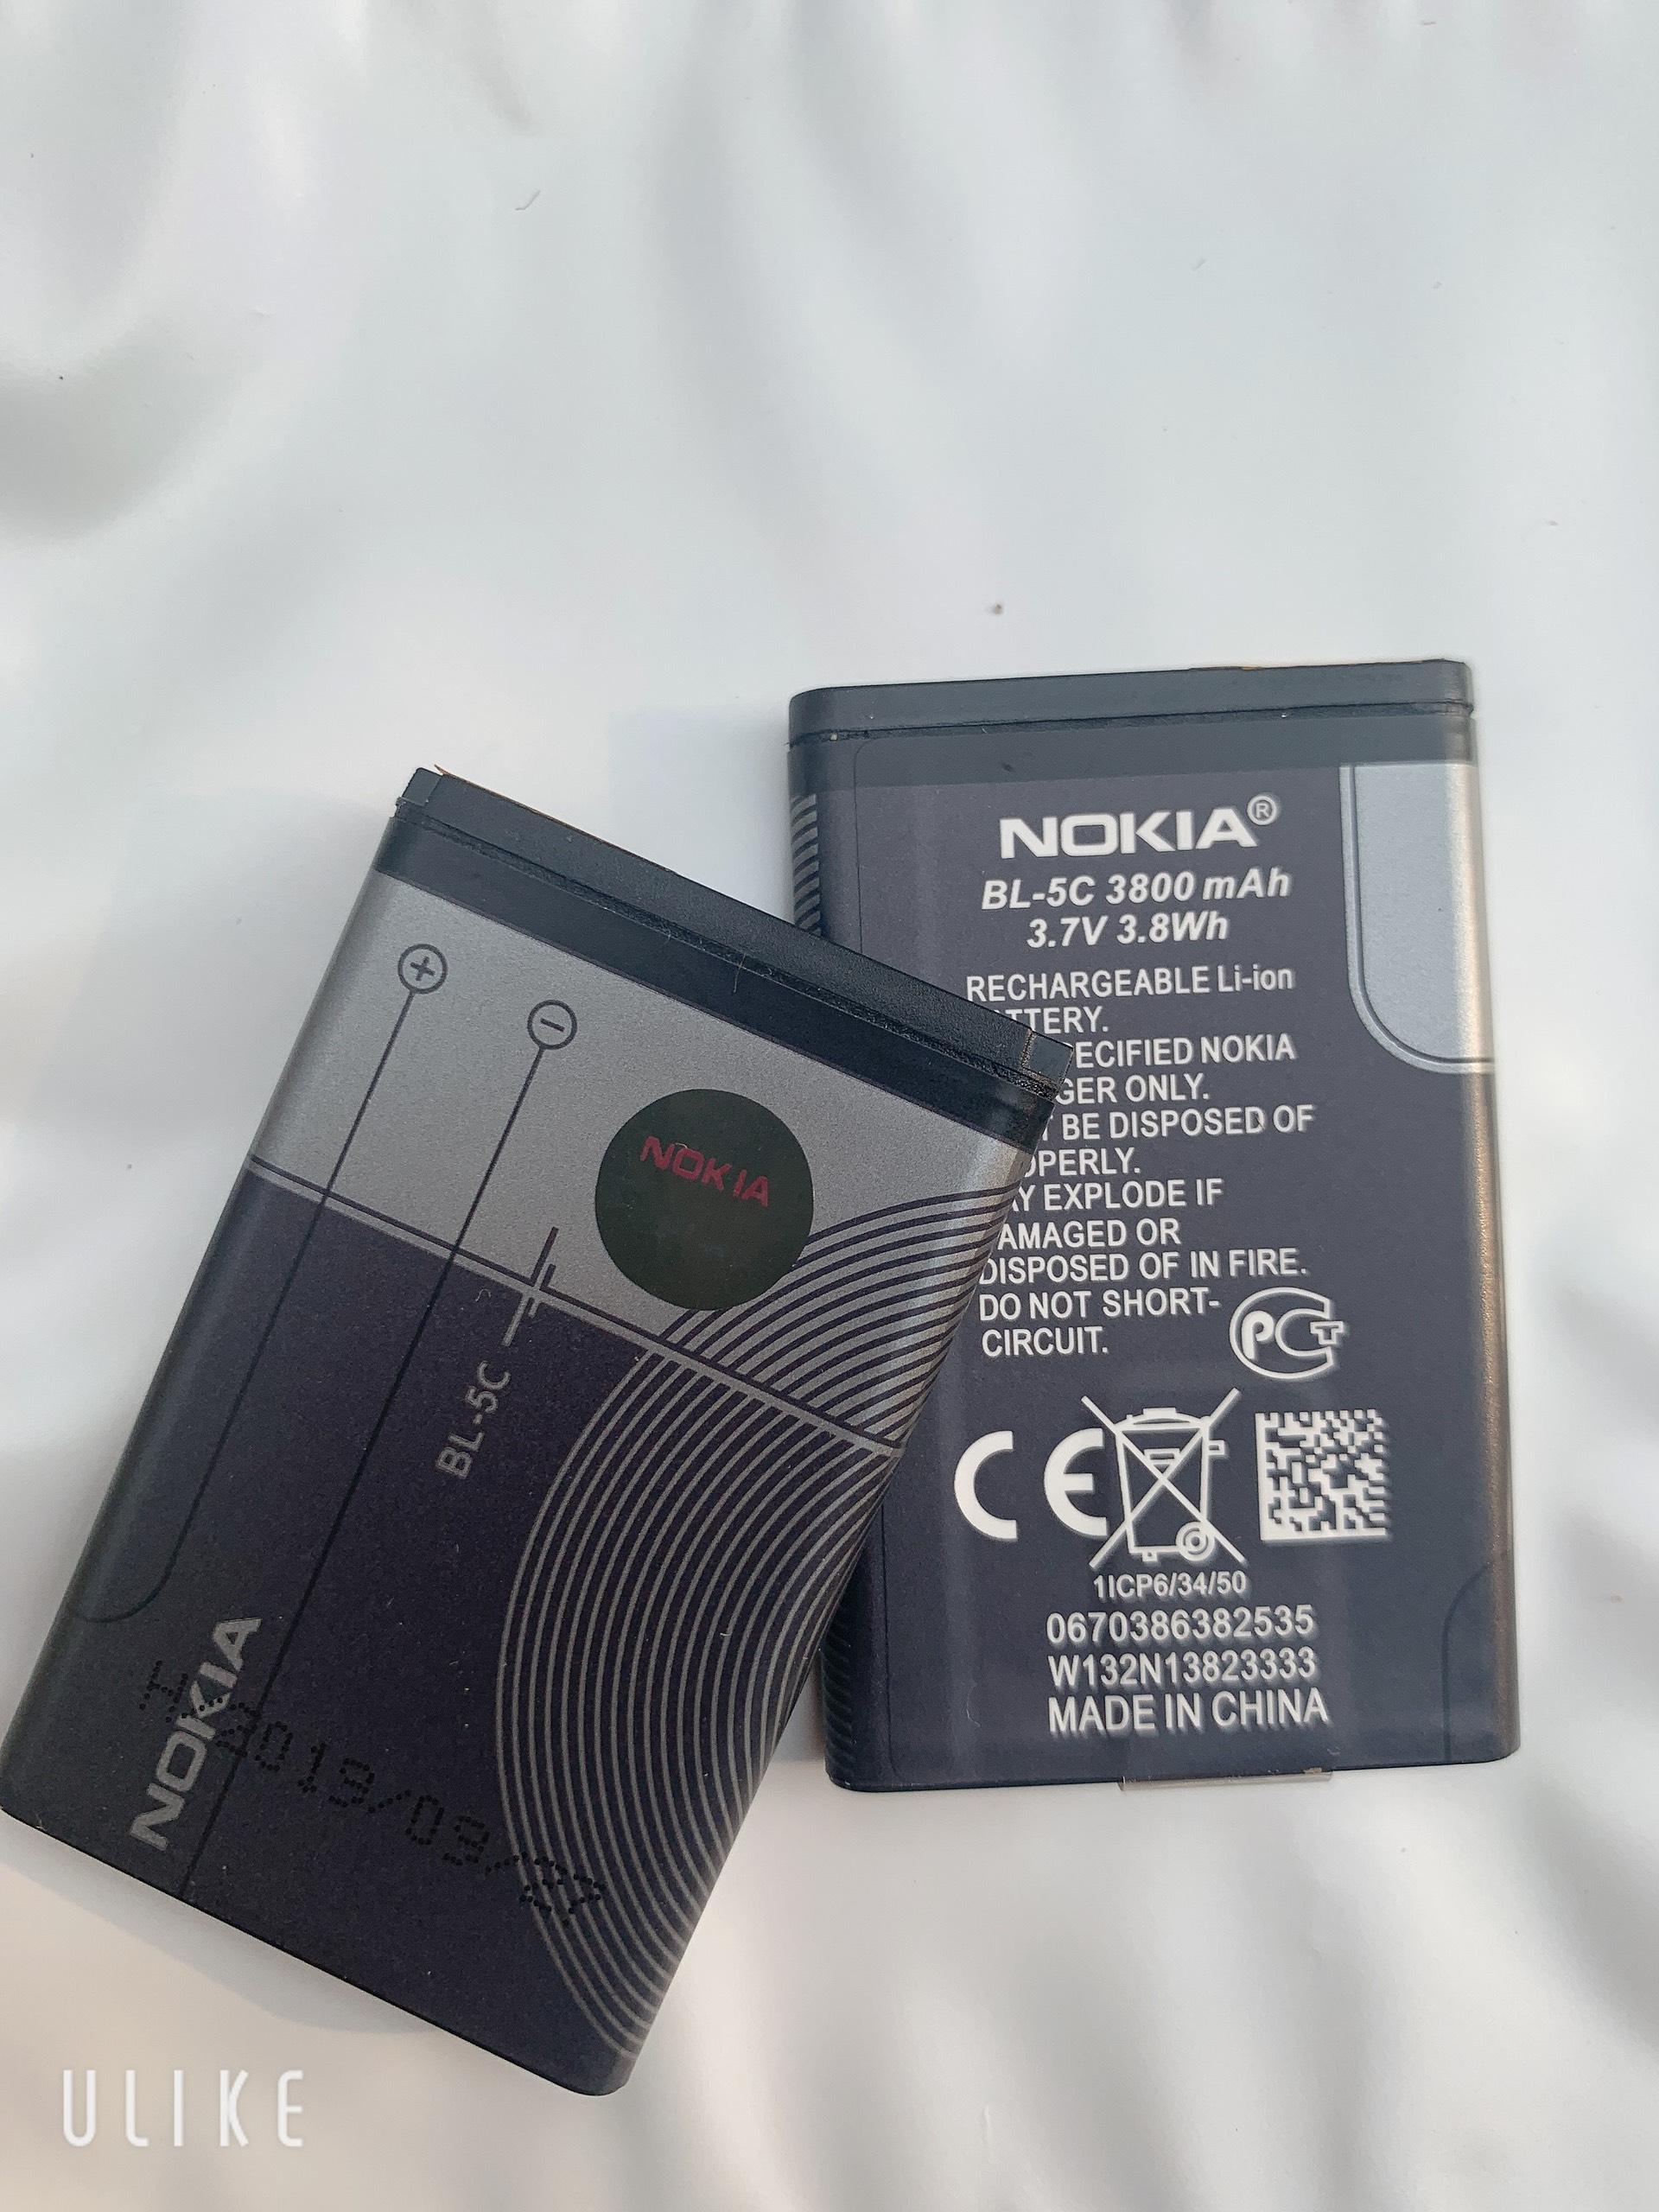 Pin Nokia BL-5C Loại 2iC Chống Phù Chống Nổ,Cho Nokia 1280,1110i,2610,1600 Giá Cực Ngầu